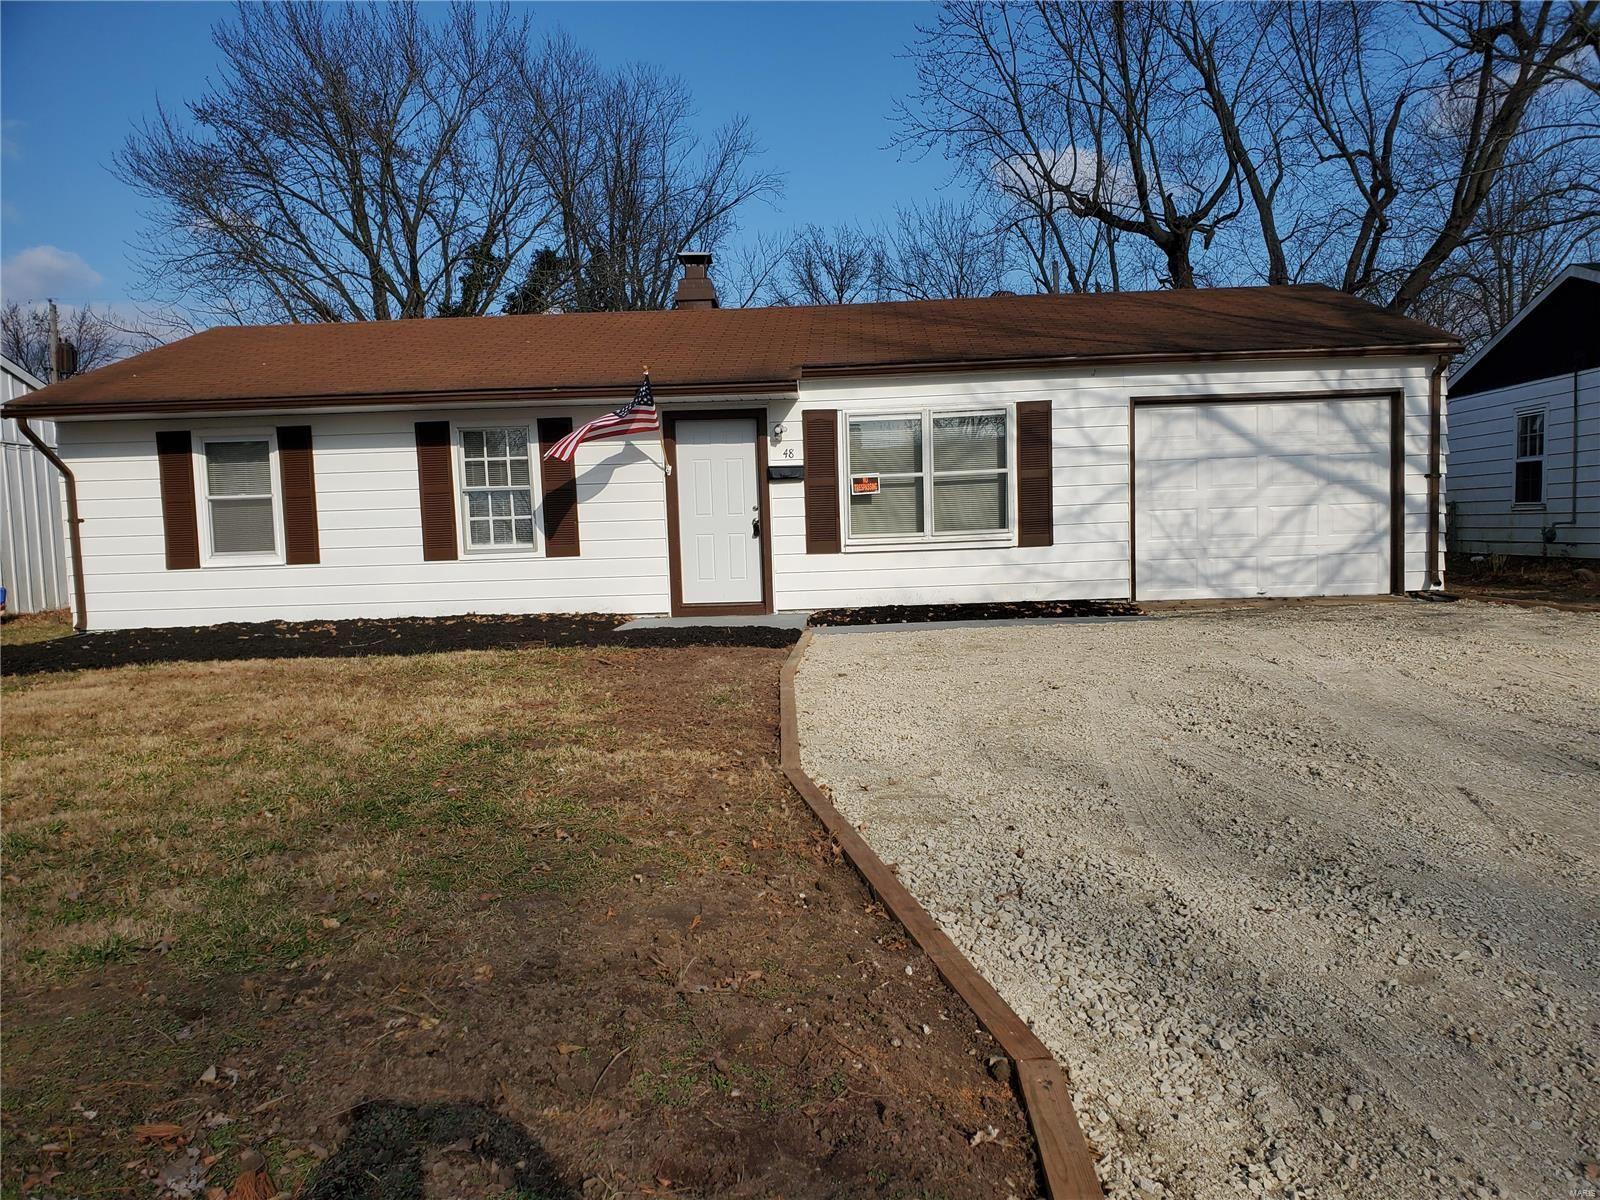 48 Drexel, Cahokia, IL 62206 - MLS#: 19087385